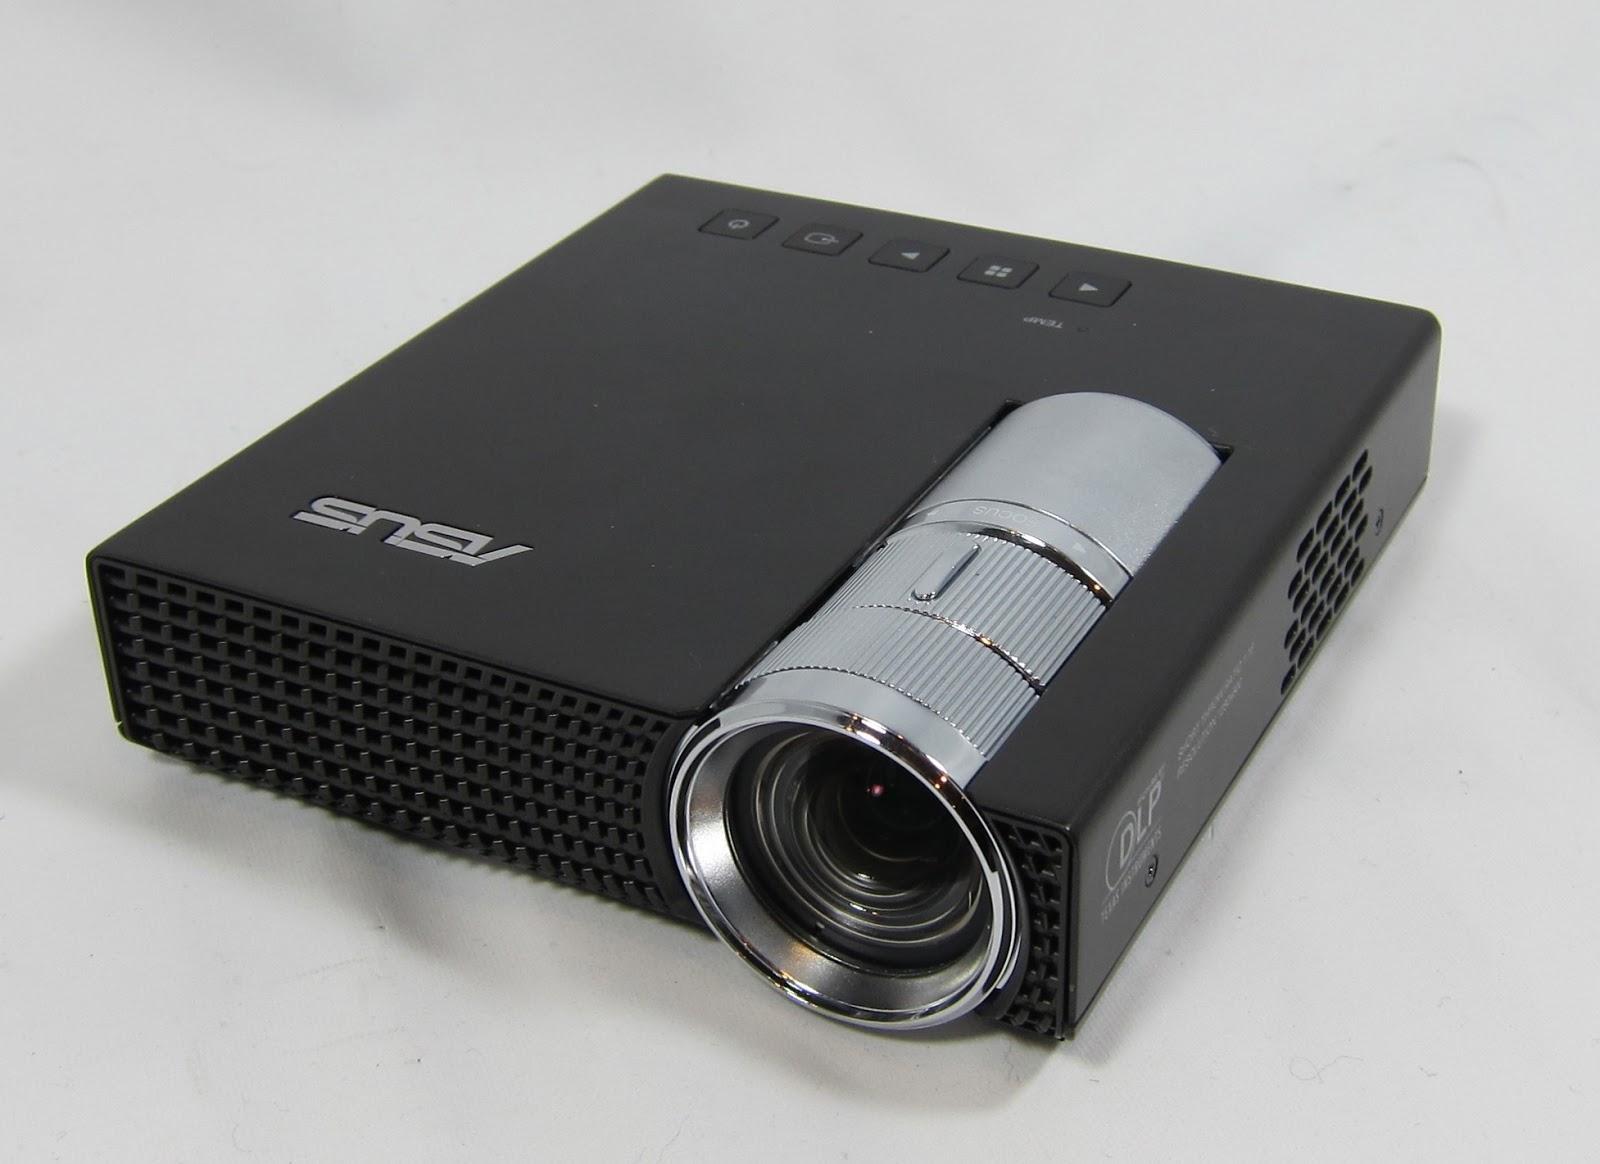 0703okt macam macam lcd projector terbaru 2013 lengkap for Portable pocket projector